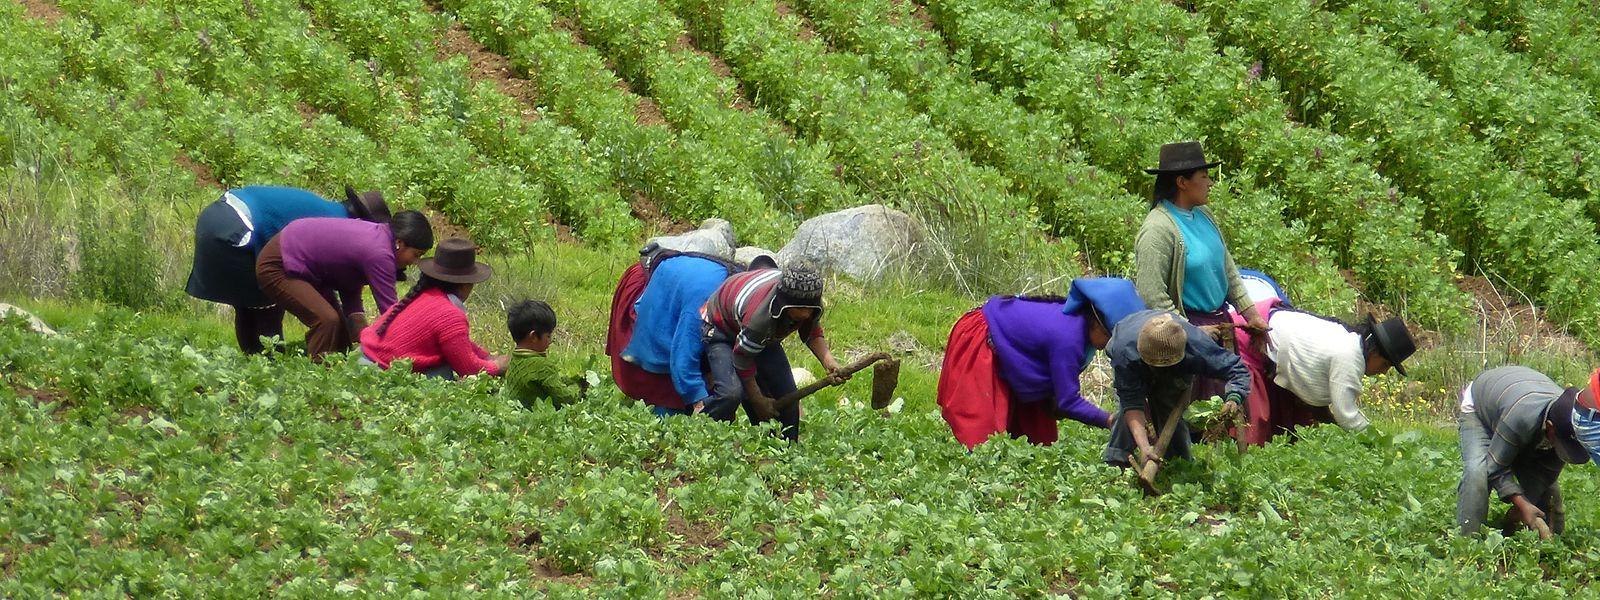 Viele Familien leben von der Quinoa-Ernte.